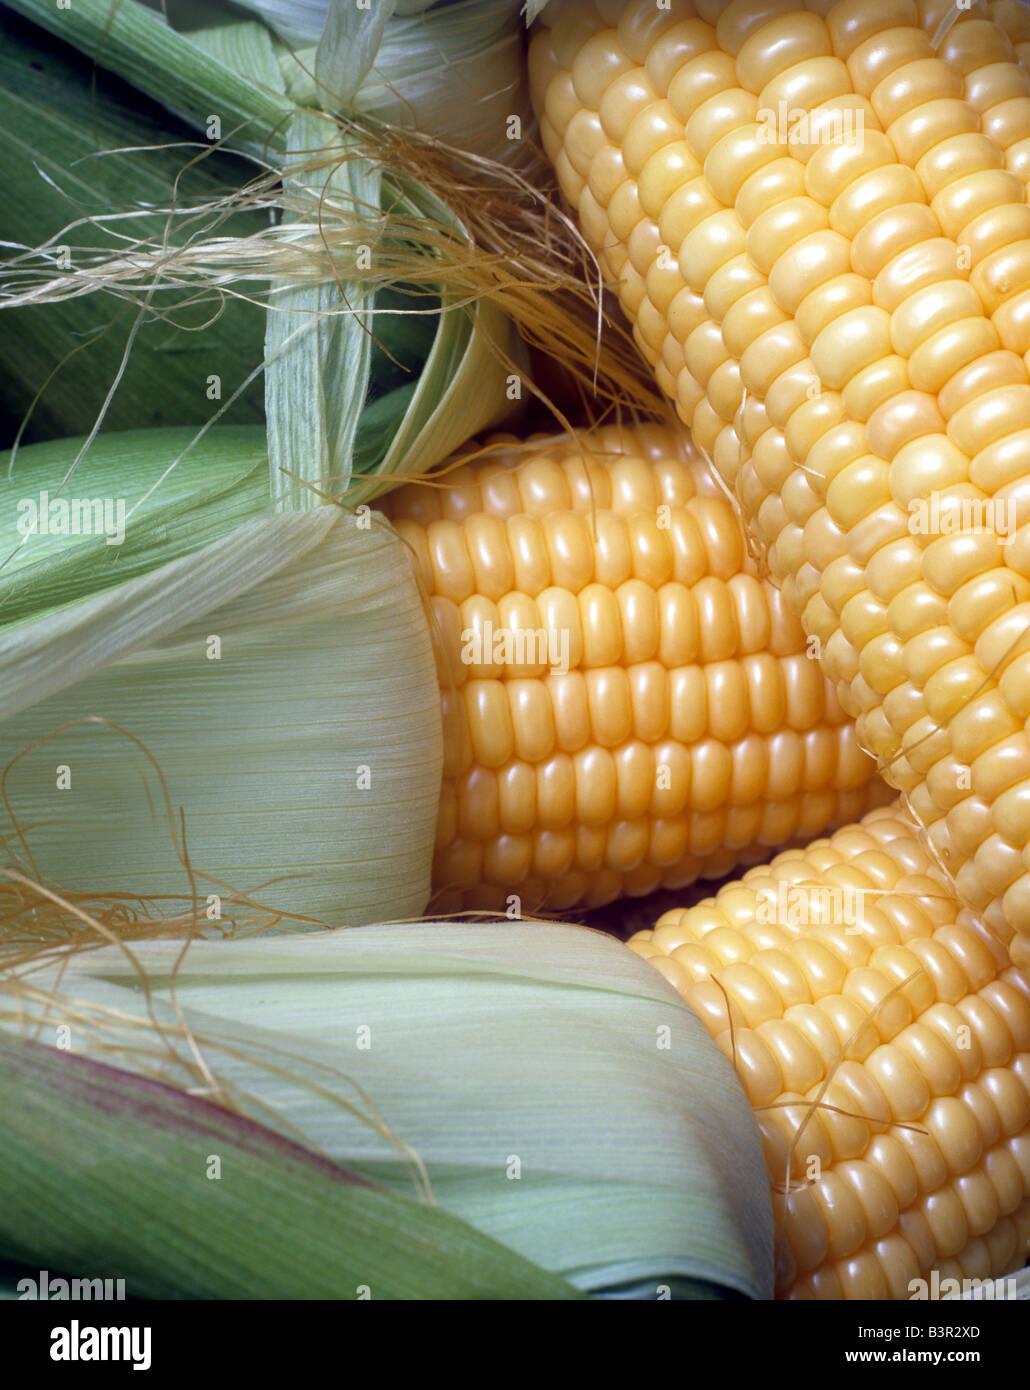 Ears of fresh corn - Stock Image